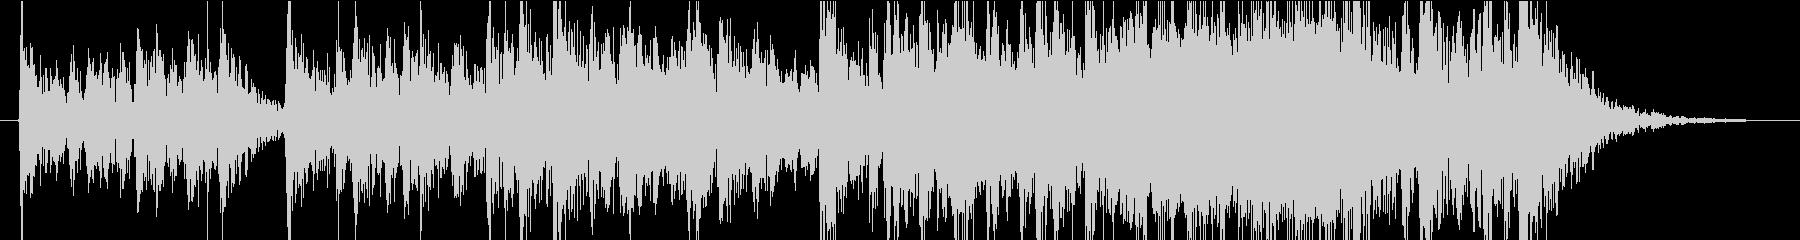 現代の交響曲 室内楽 未来の技術 ...の未再生の波形